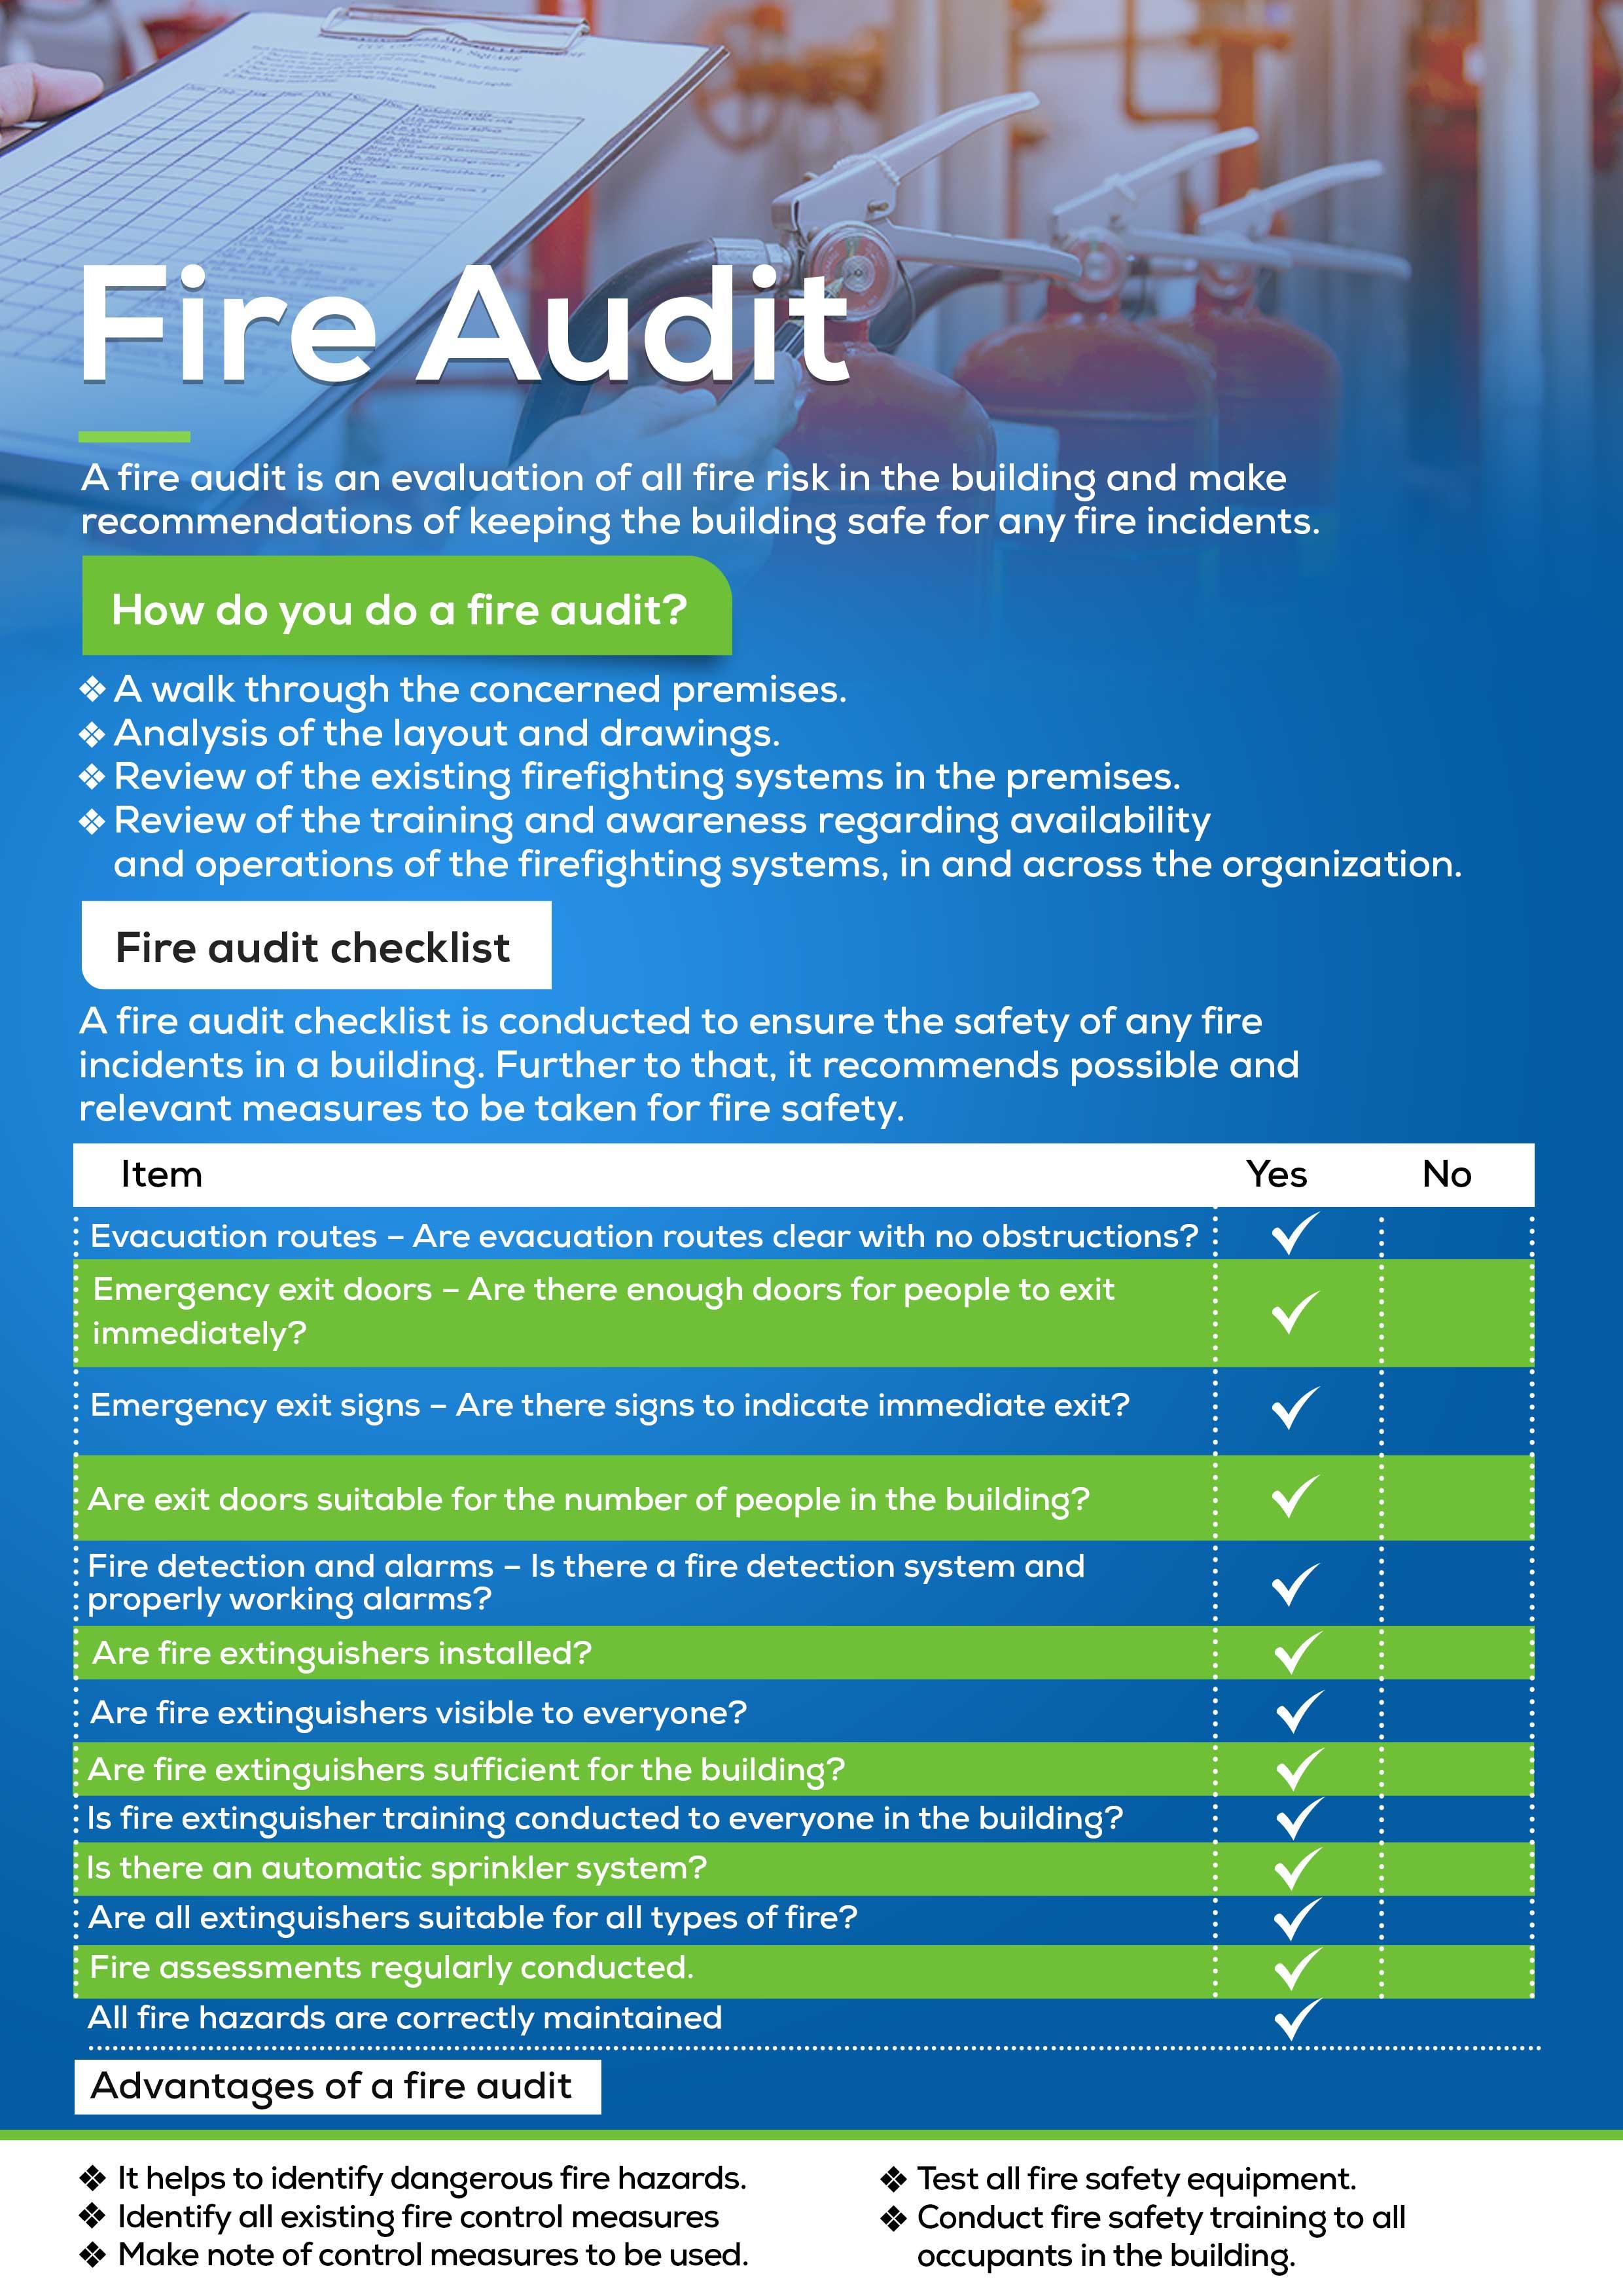 fire audit checklist